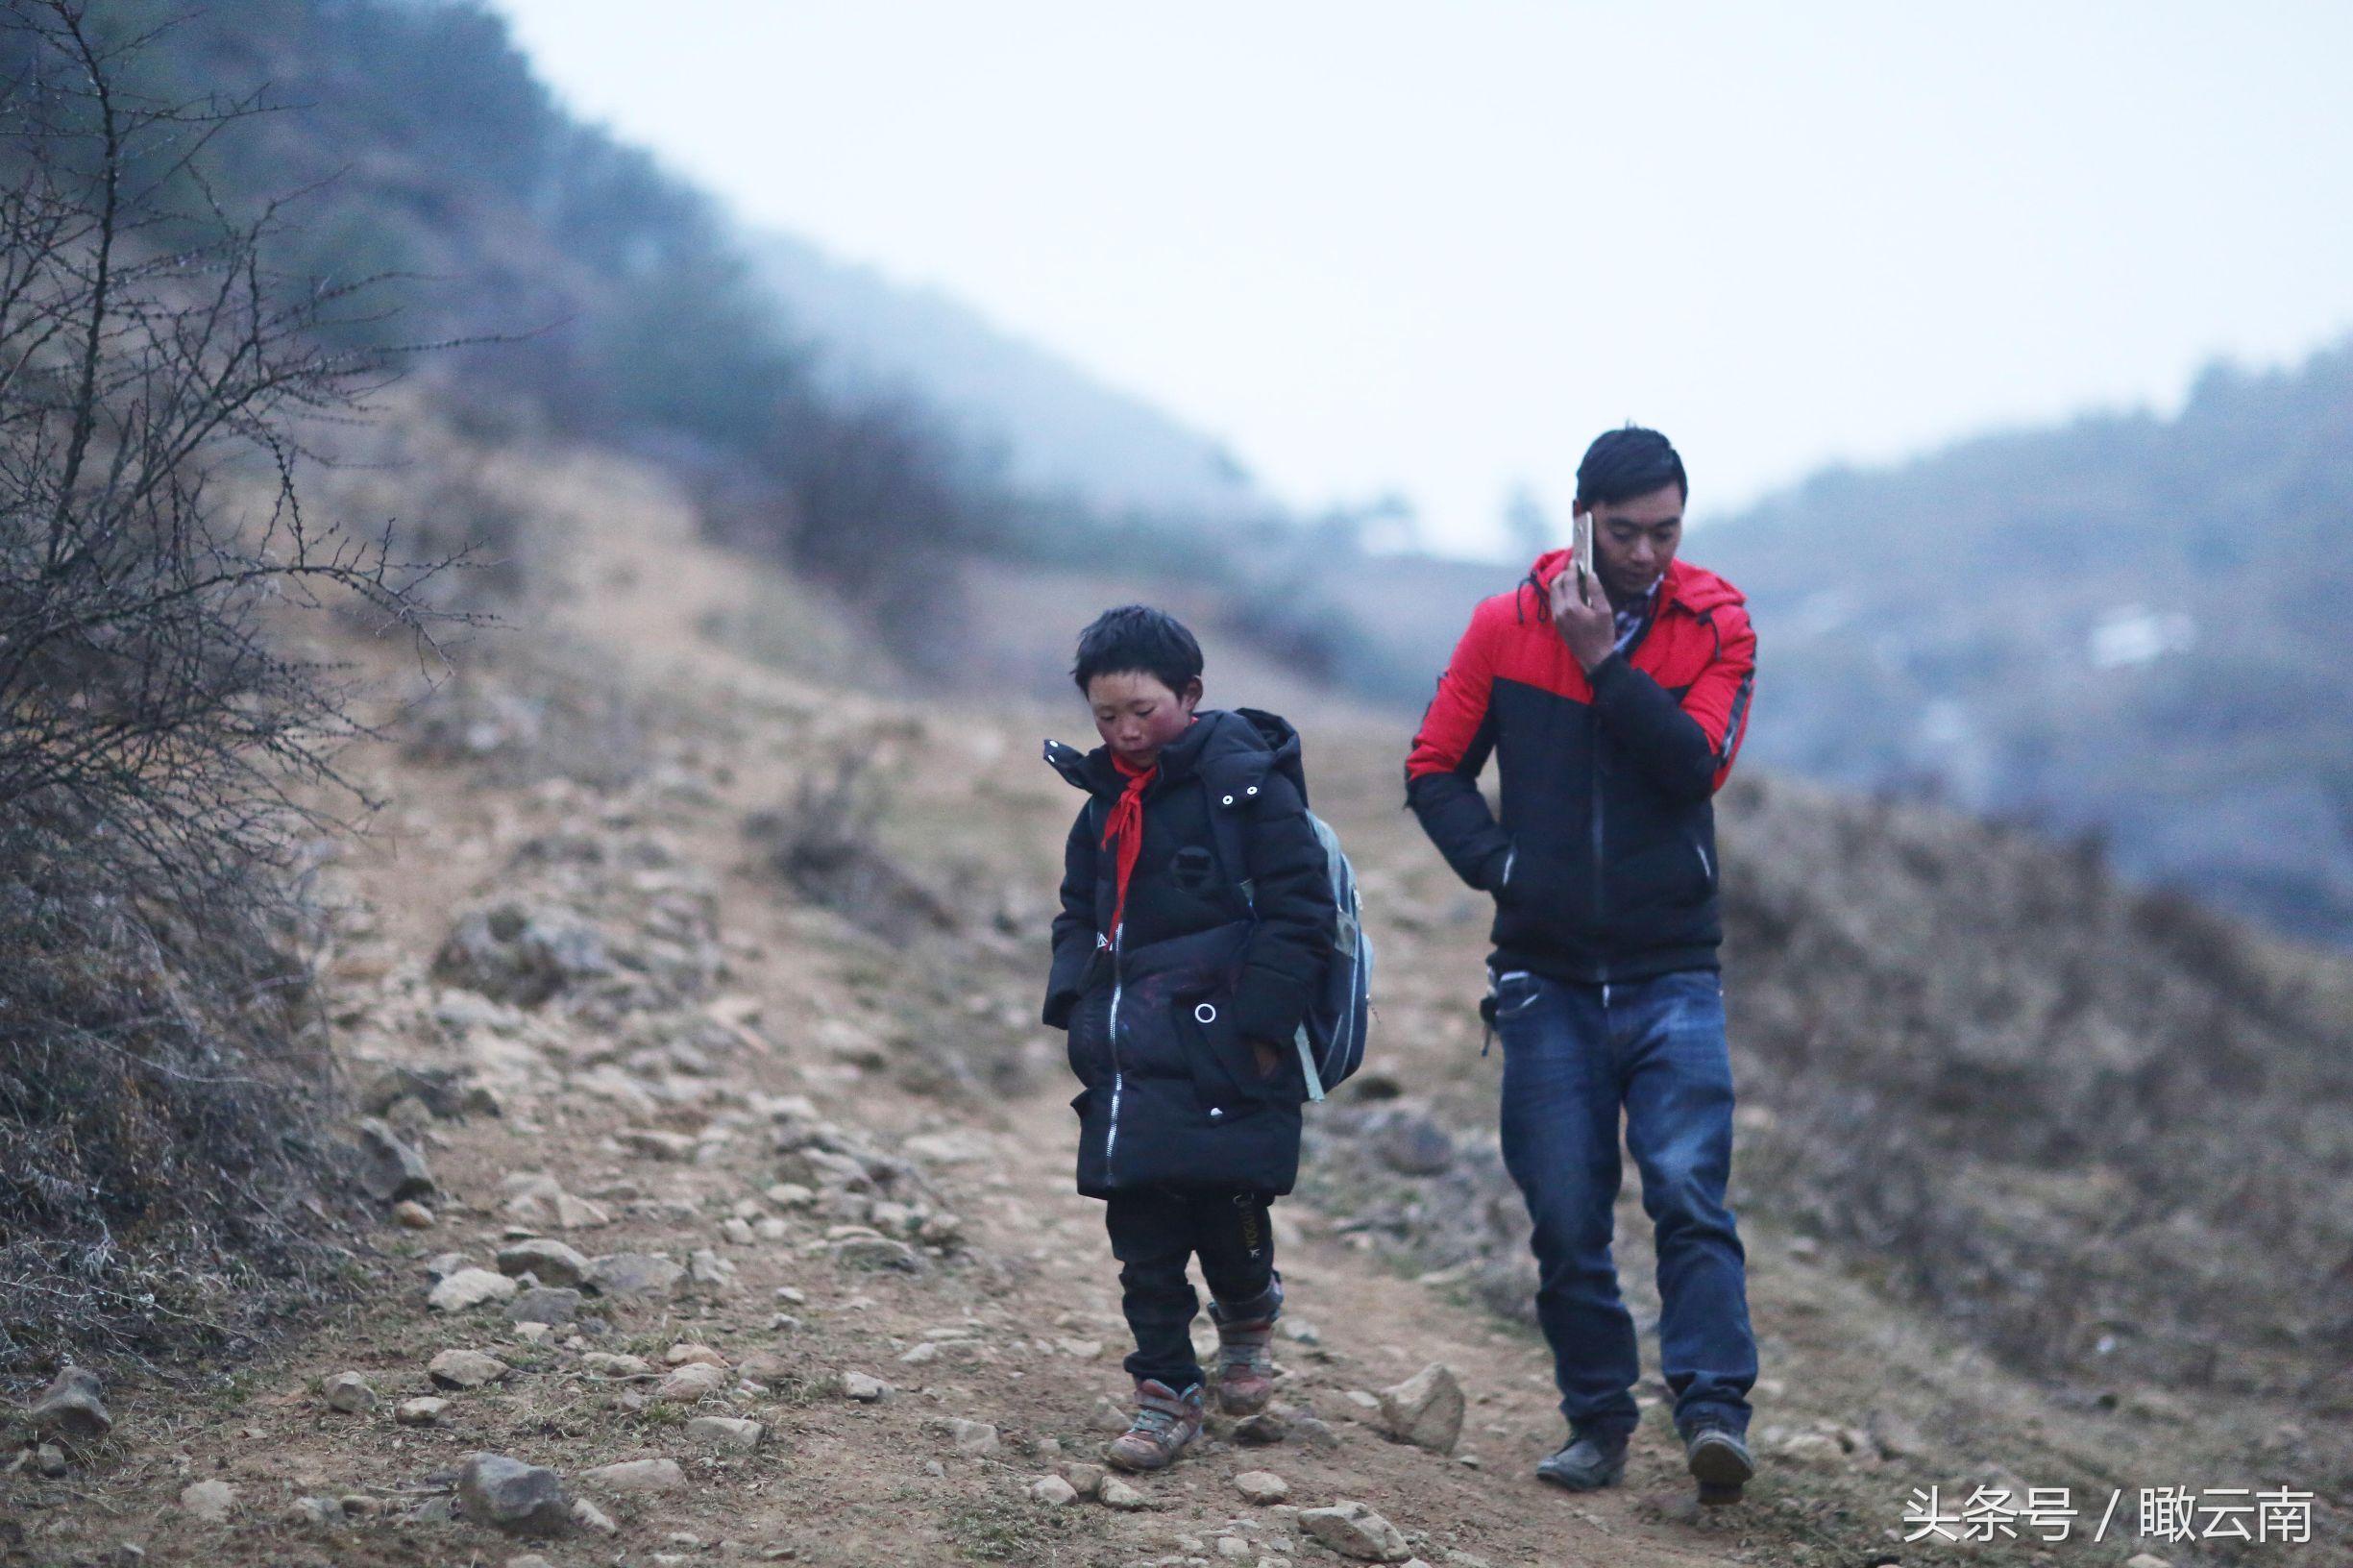 云南鲁甸教育局 冰花男孩已收到8千元捐款 一夜暴富不利成长